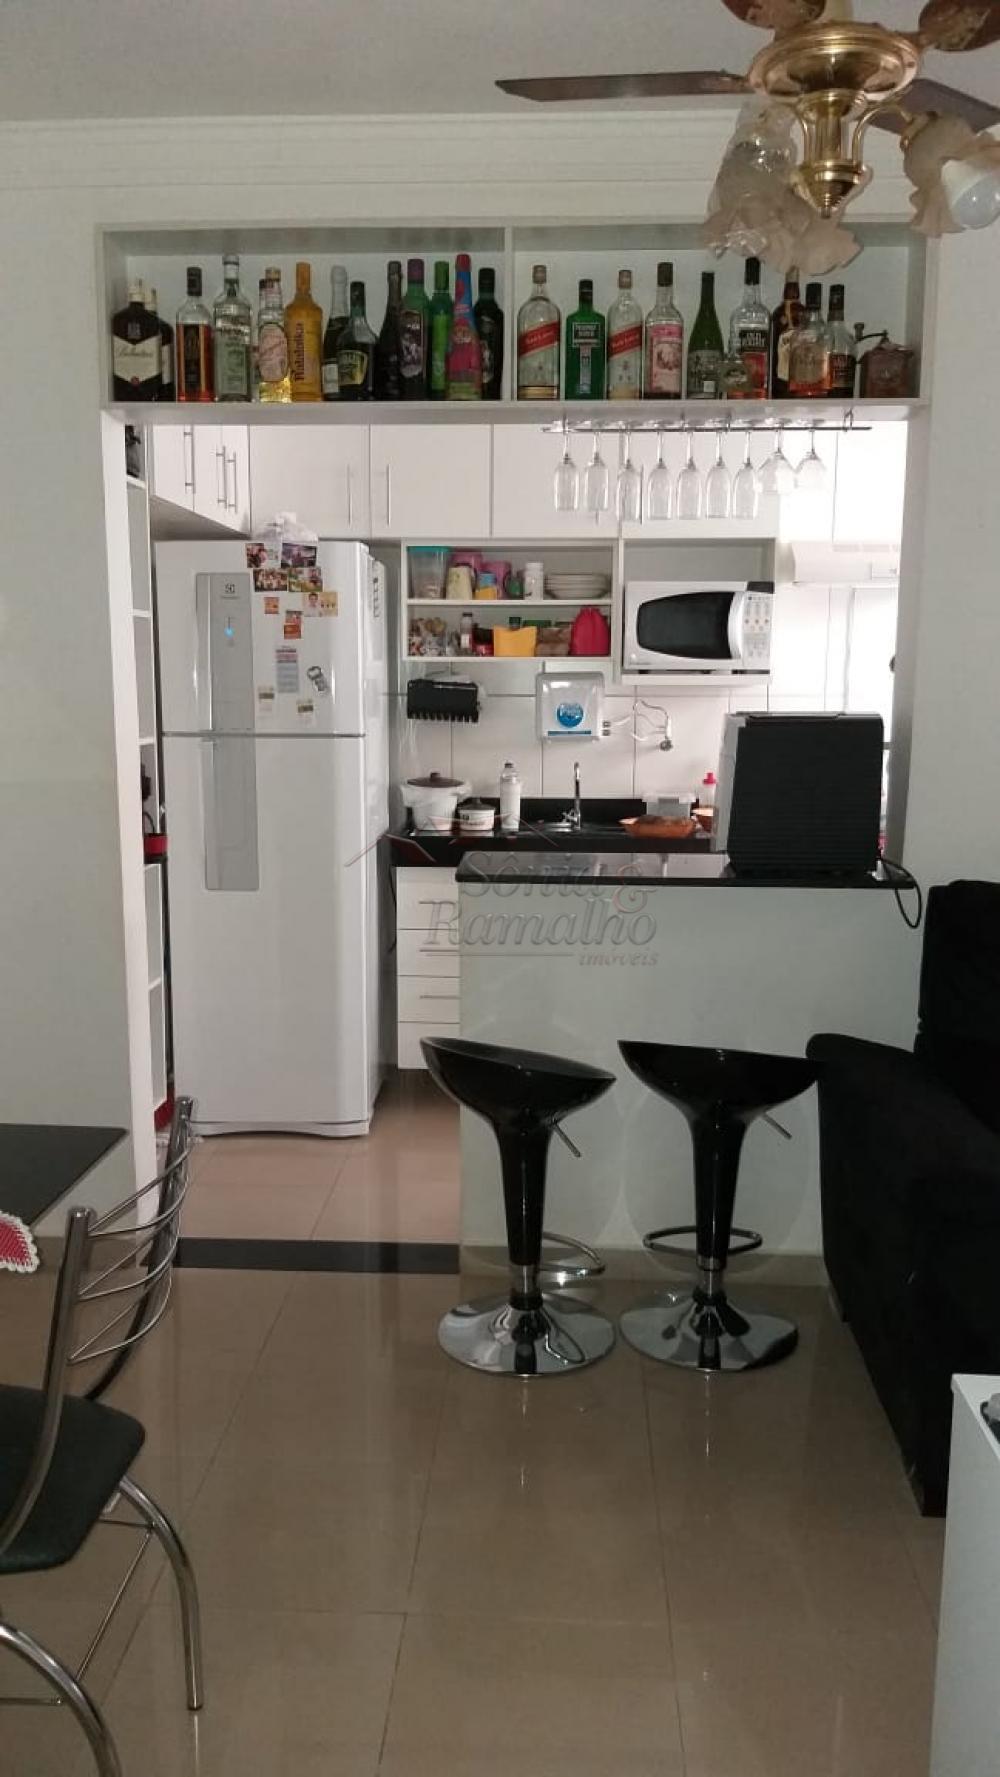 Comprar Apartamentos / Padrão em Ribeirão Preto apenas R$ 175.000,00 - Foto 5